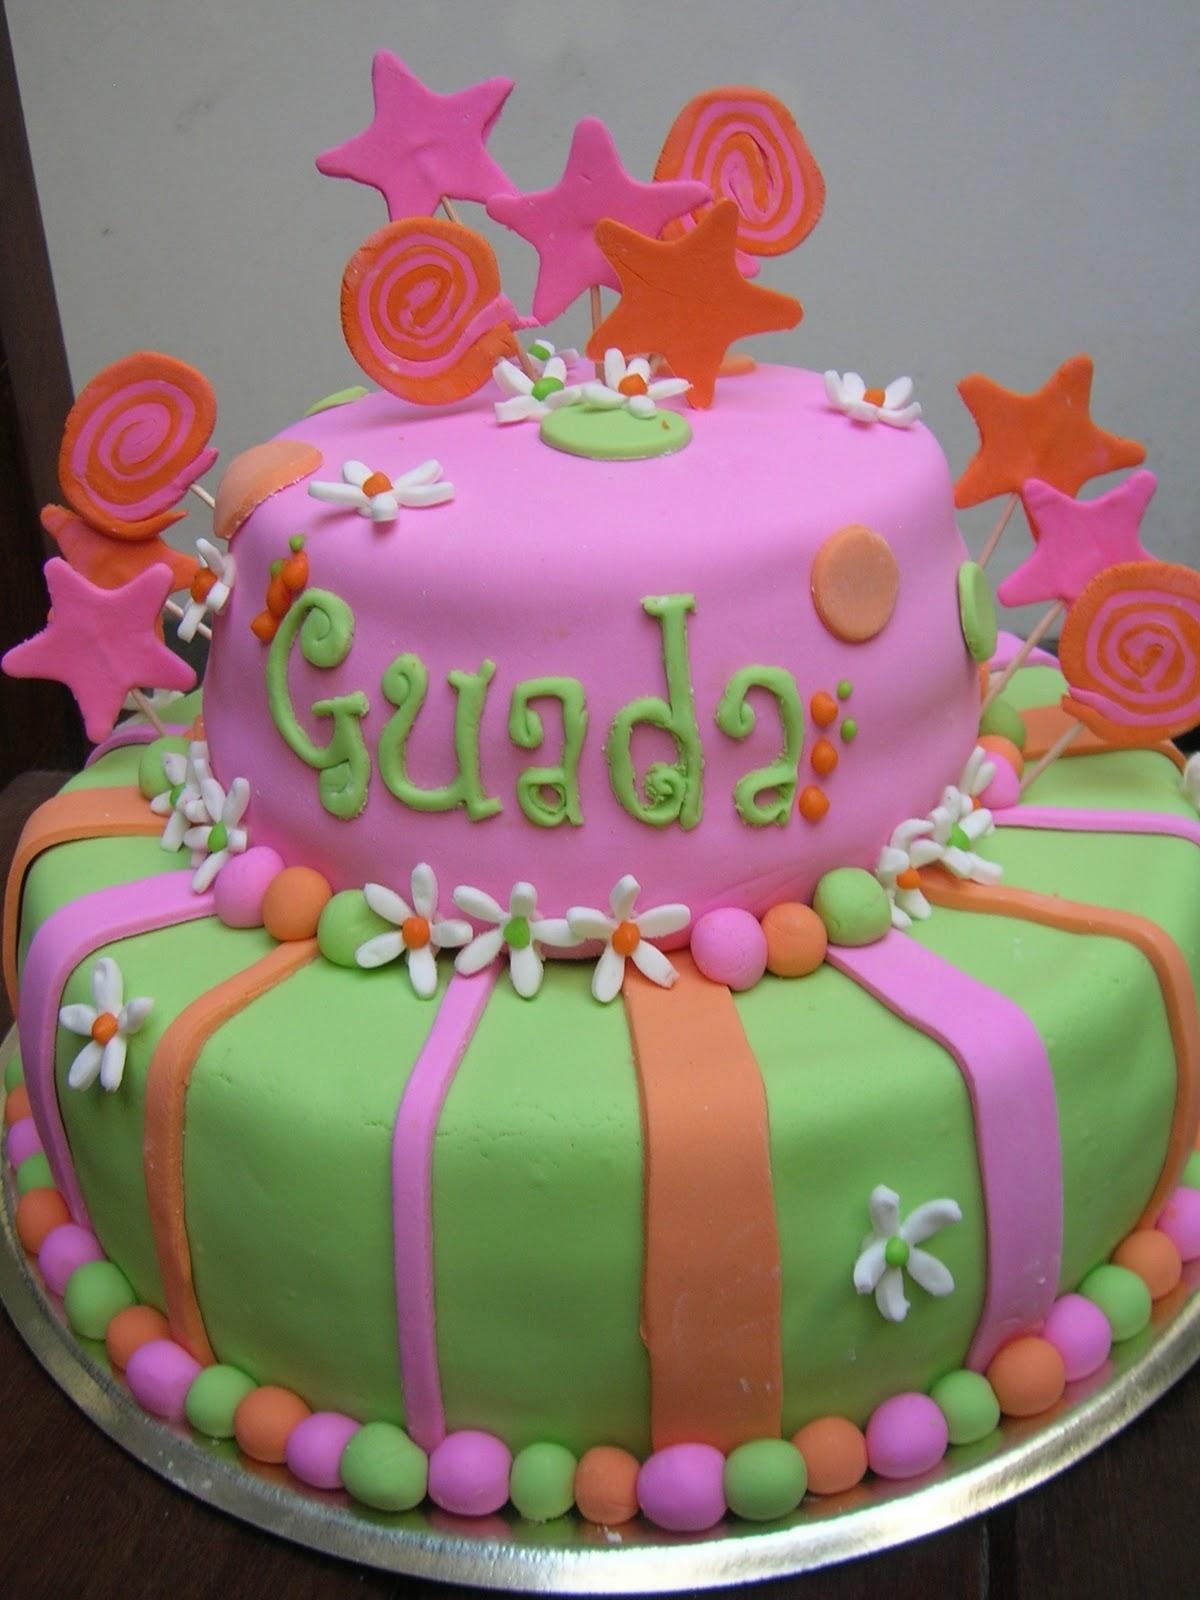 SWEET! cupcakes: Guada de colores